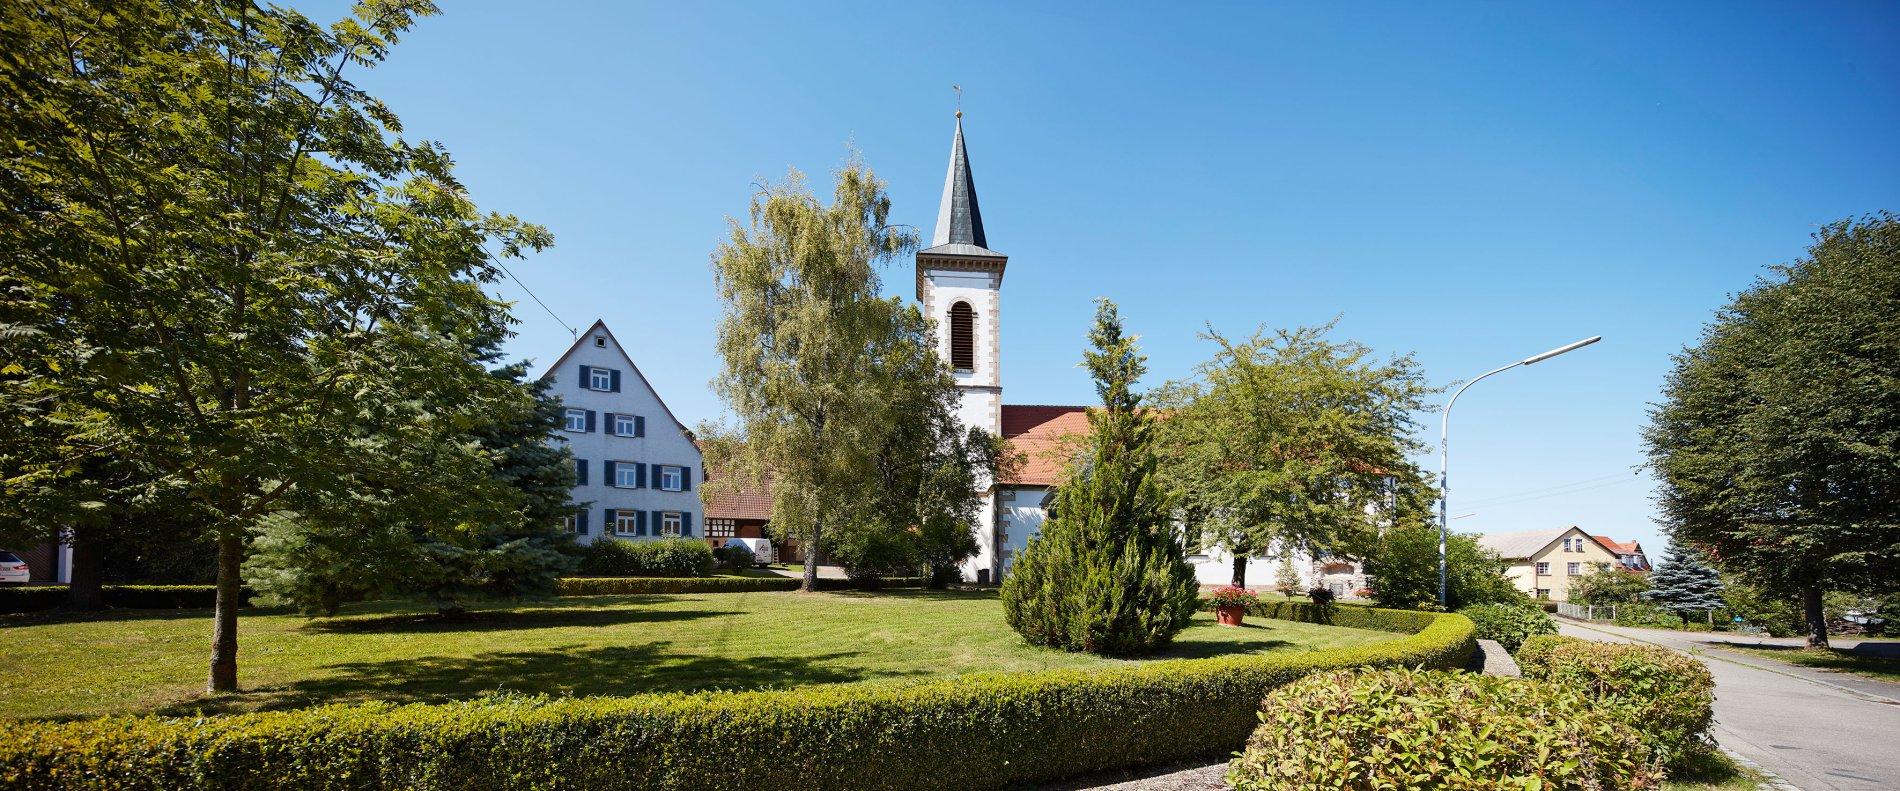 Ortsansicht mit Kirche in Dormettingen